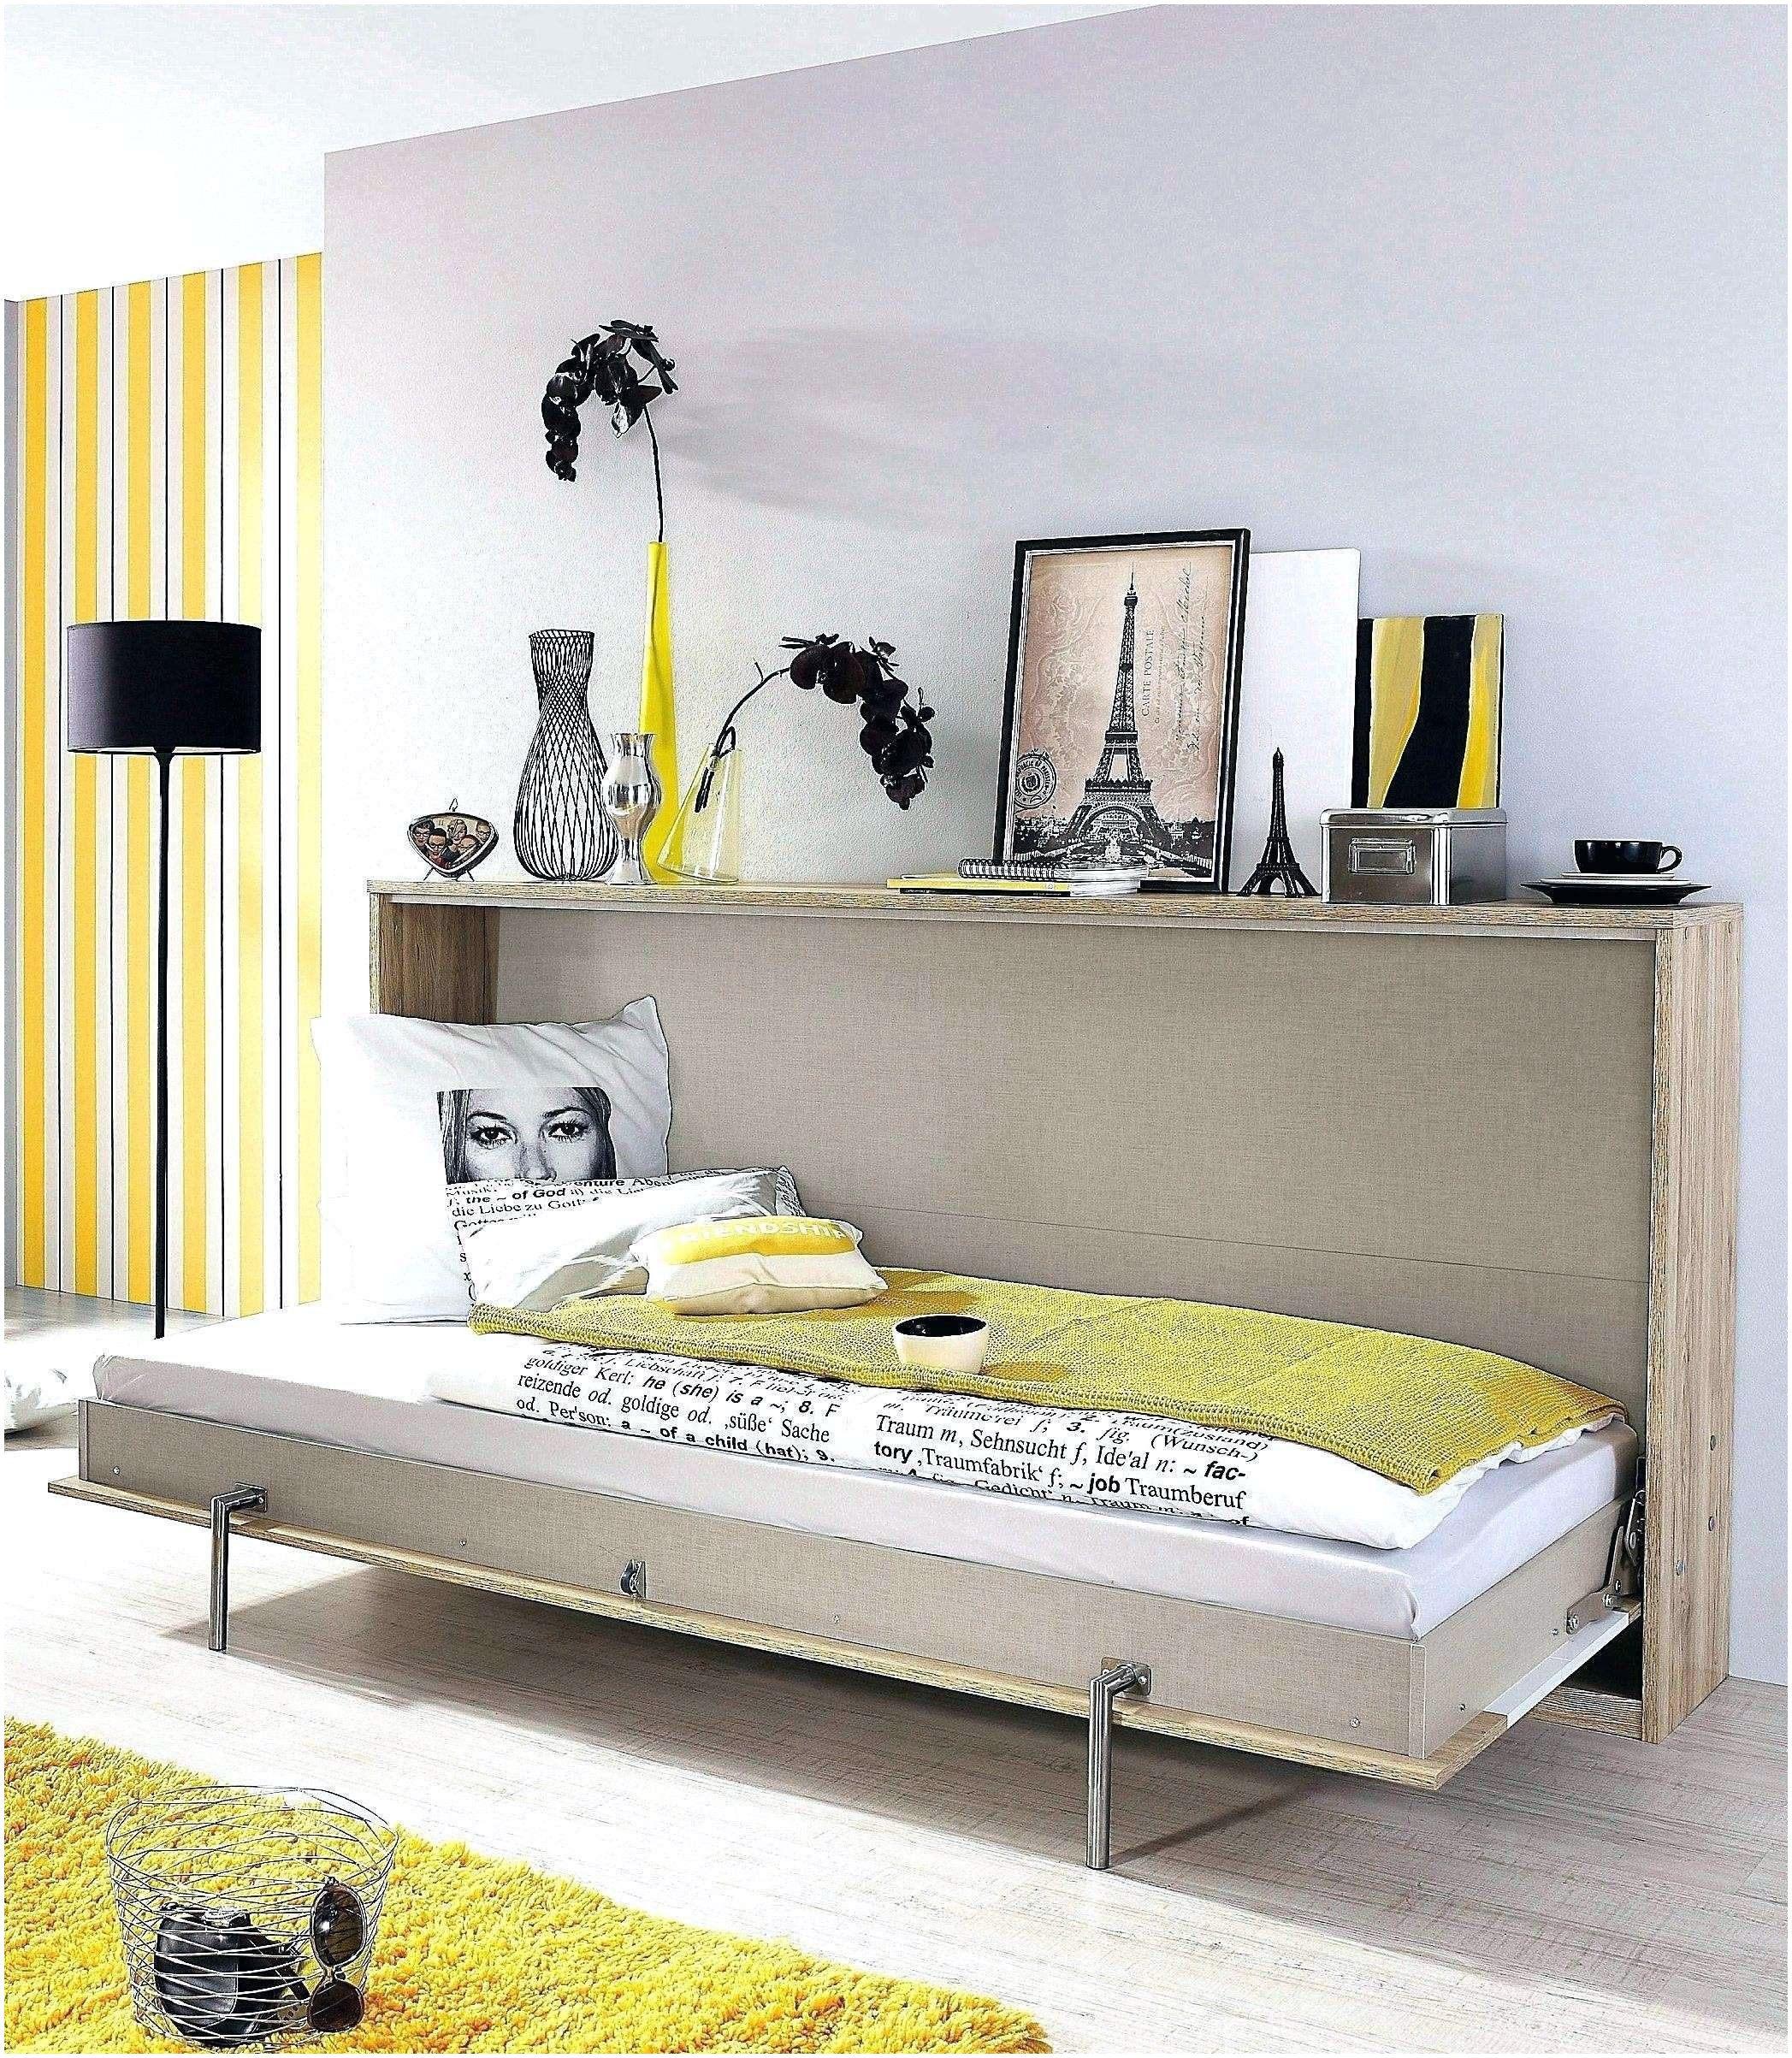 Lit Cabane Montessori Pas Cher Douce Chambre Fille Avec Lit Cabane Moderne Teinte Le Plus élevé Chambre